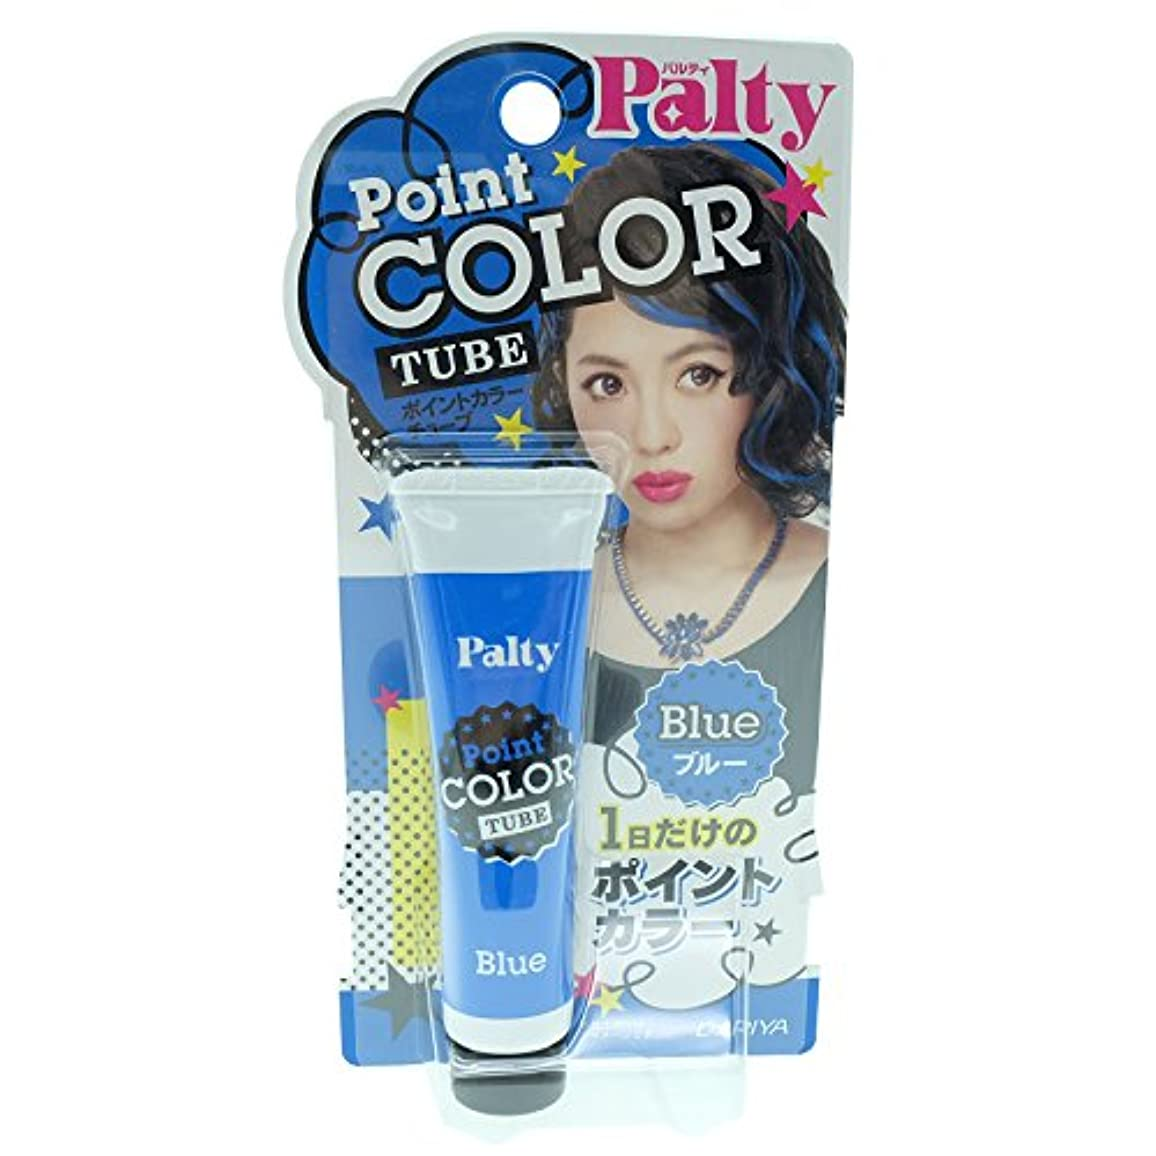 パルティ ポイントカラーチューブ ブルー 15g